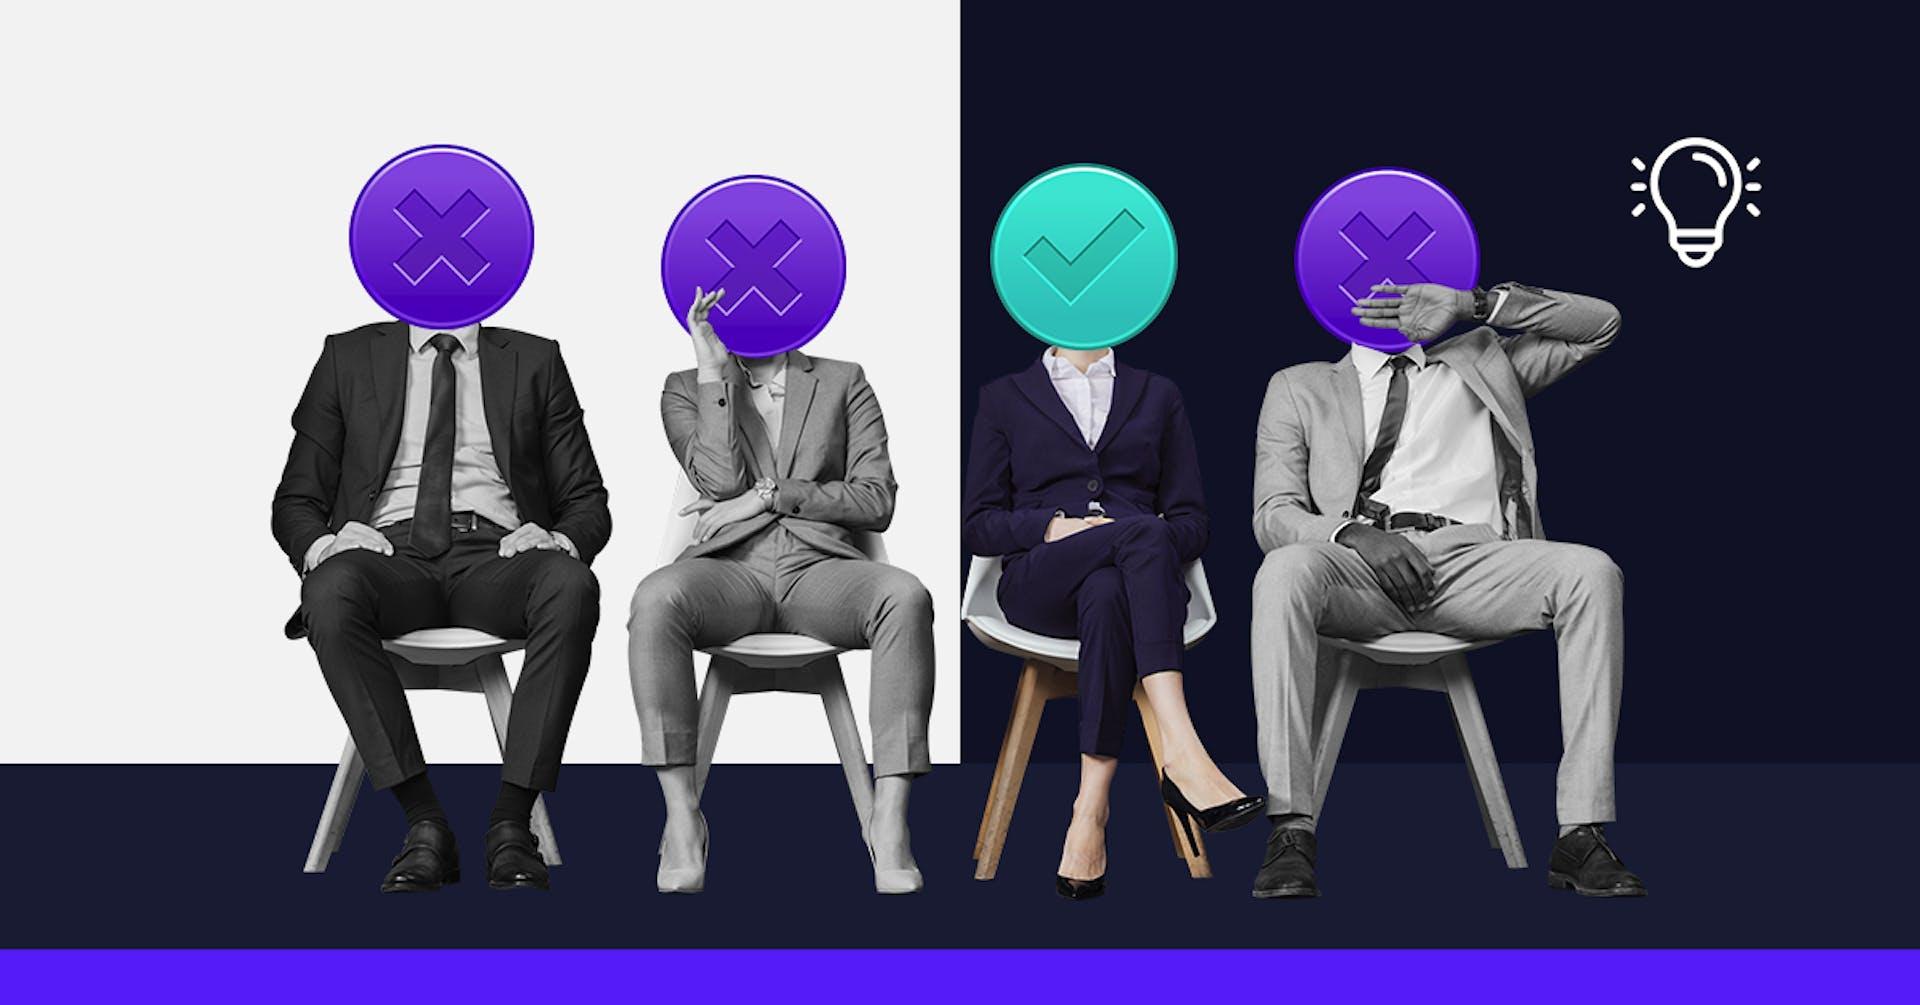 ¿Qué es el lenguaje corporal y por qué es importante en una entrevista de trabajo?